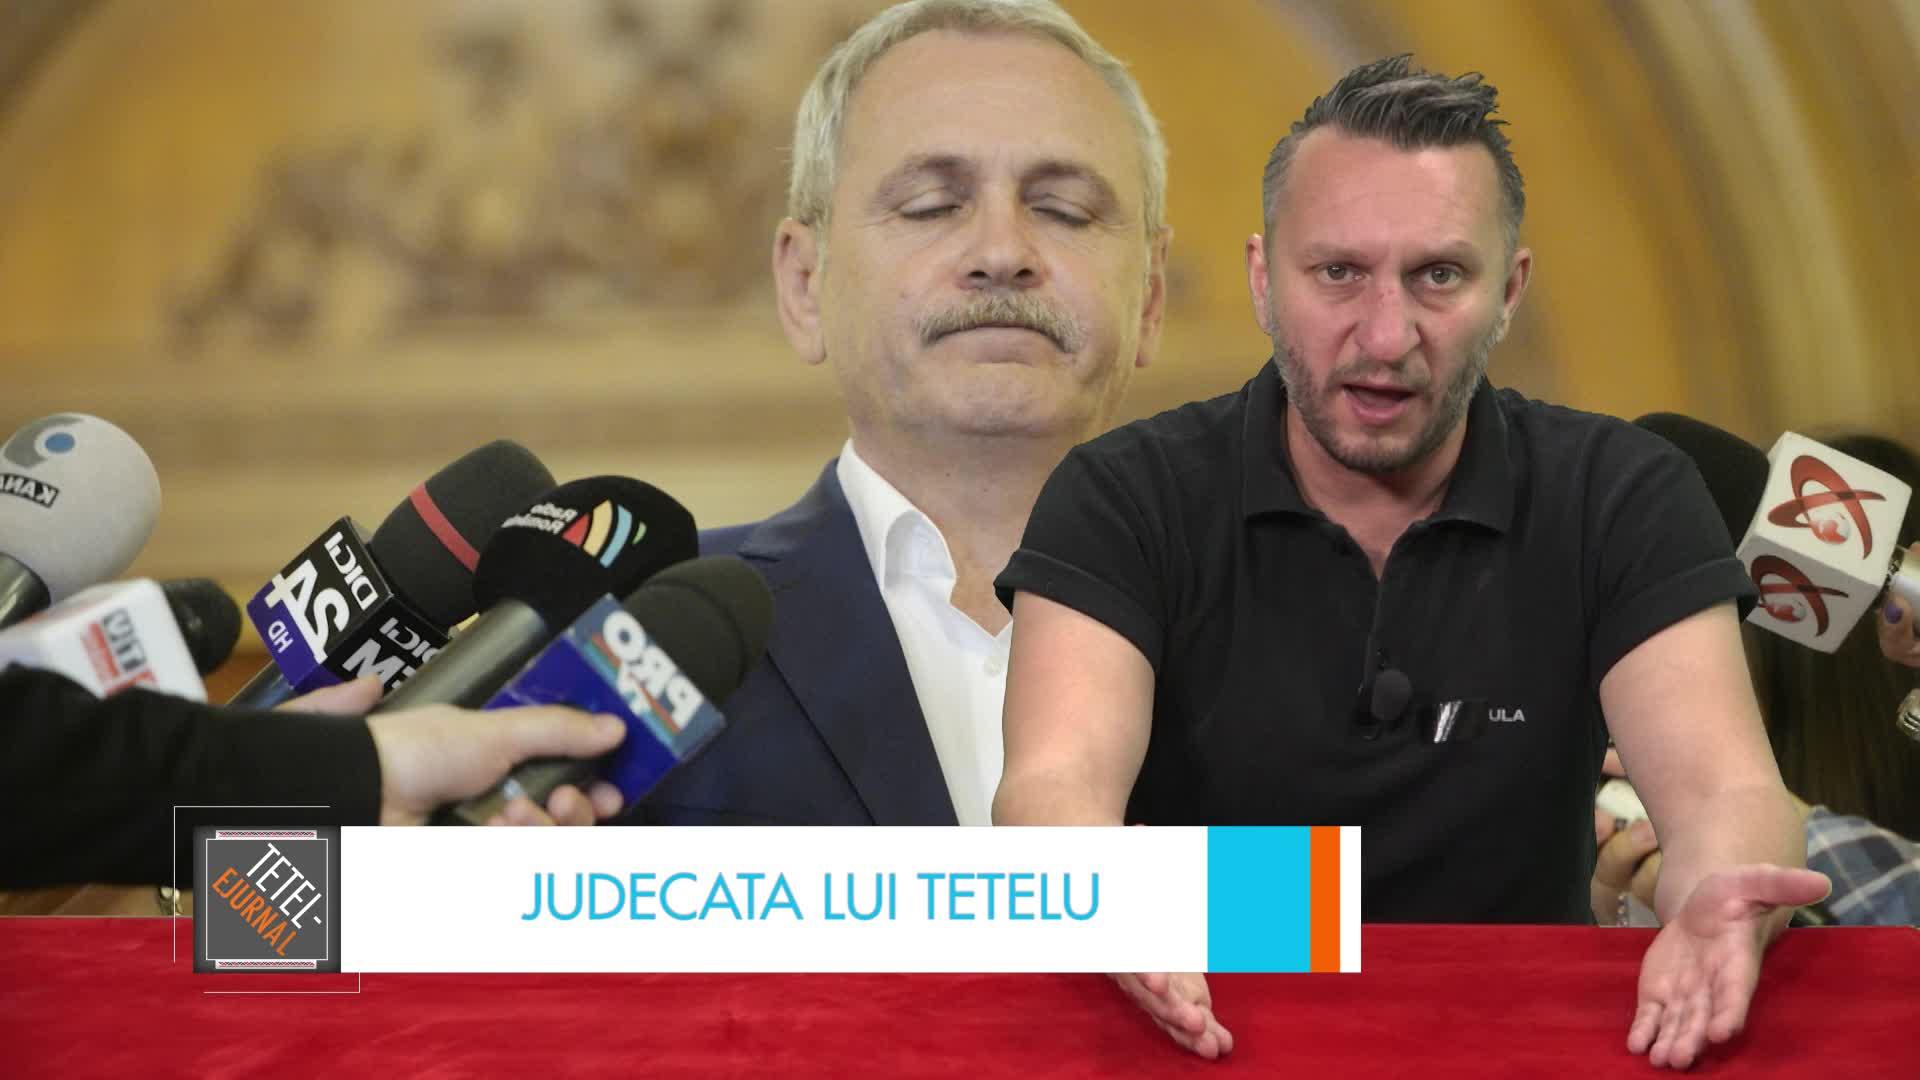 Judecata lui Tetelu: Dilema lui Dragnea